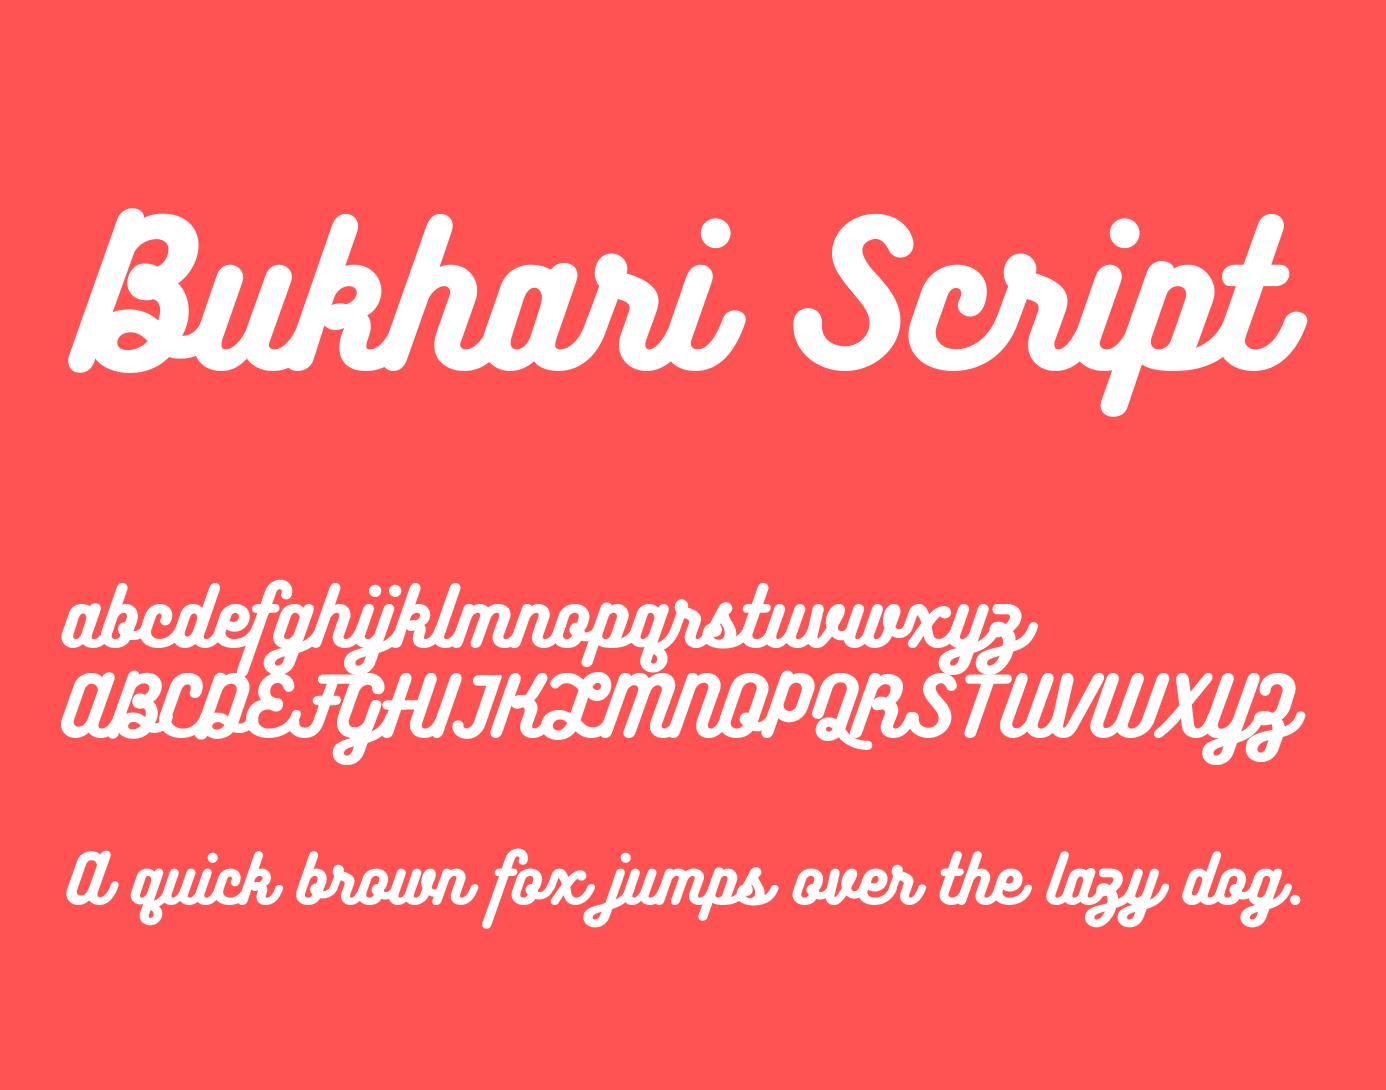 https://fontclarity.com/wp-content/uploads/2019/09/bukhari-script-font-download-0.png Free Download